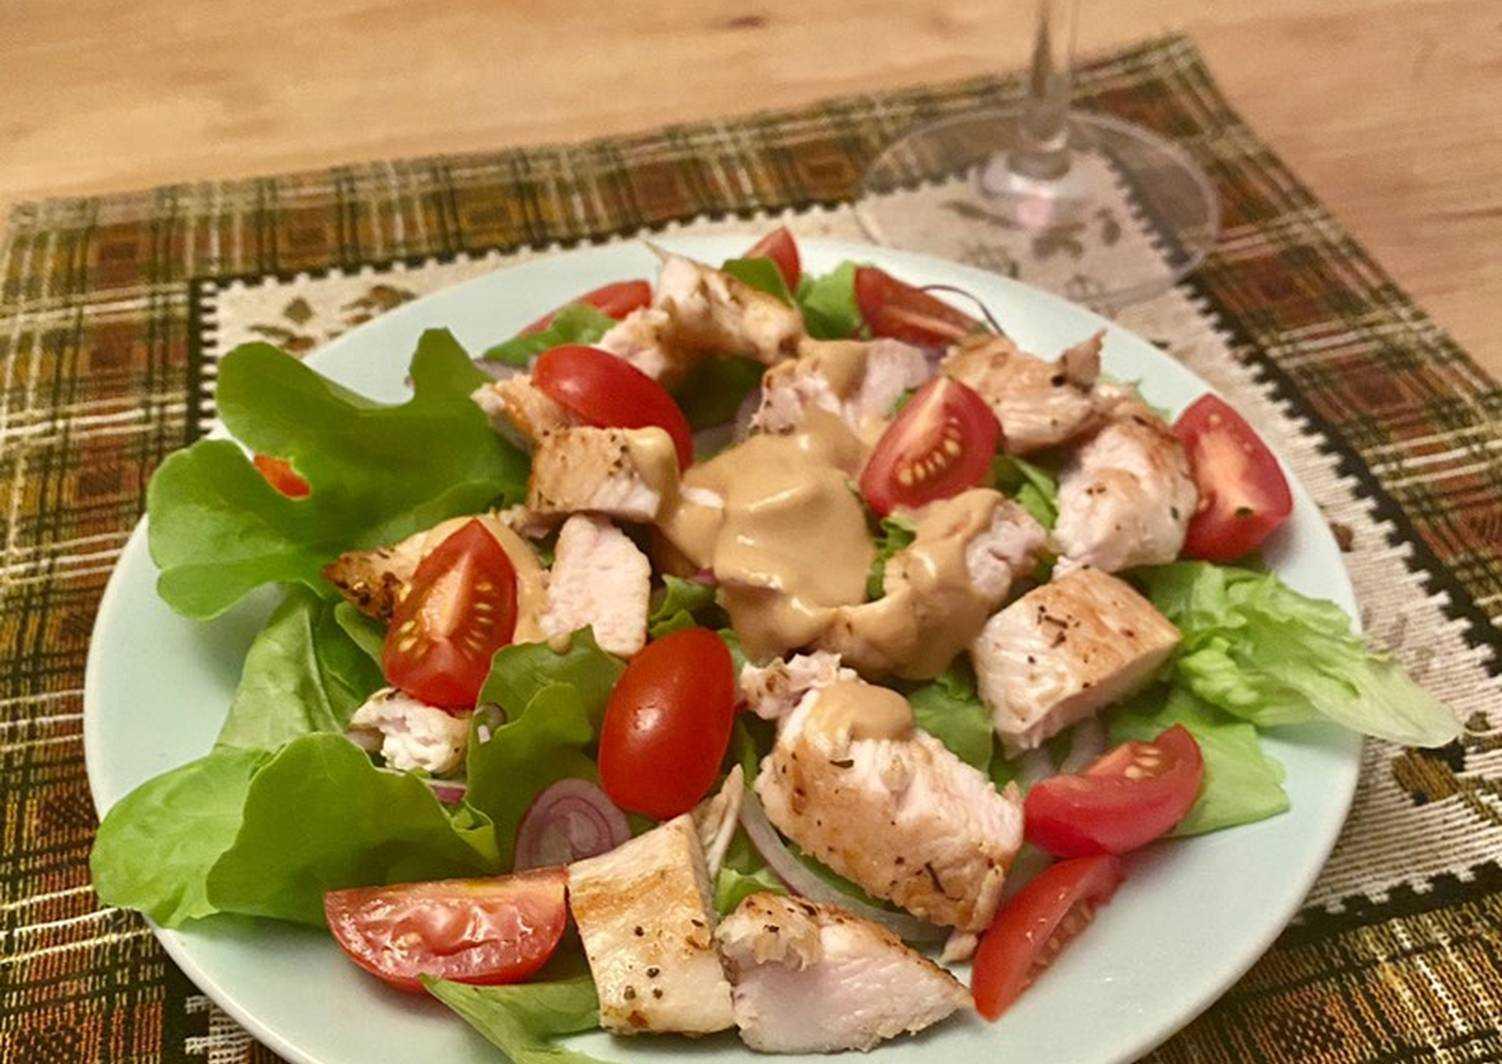 Как приготовить салат с иссопом: поиск по ингредиентам, советы, отзывы, пошаговые фото, подсчет калорий, удобная печать, изменение порций, похожие рецепты